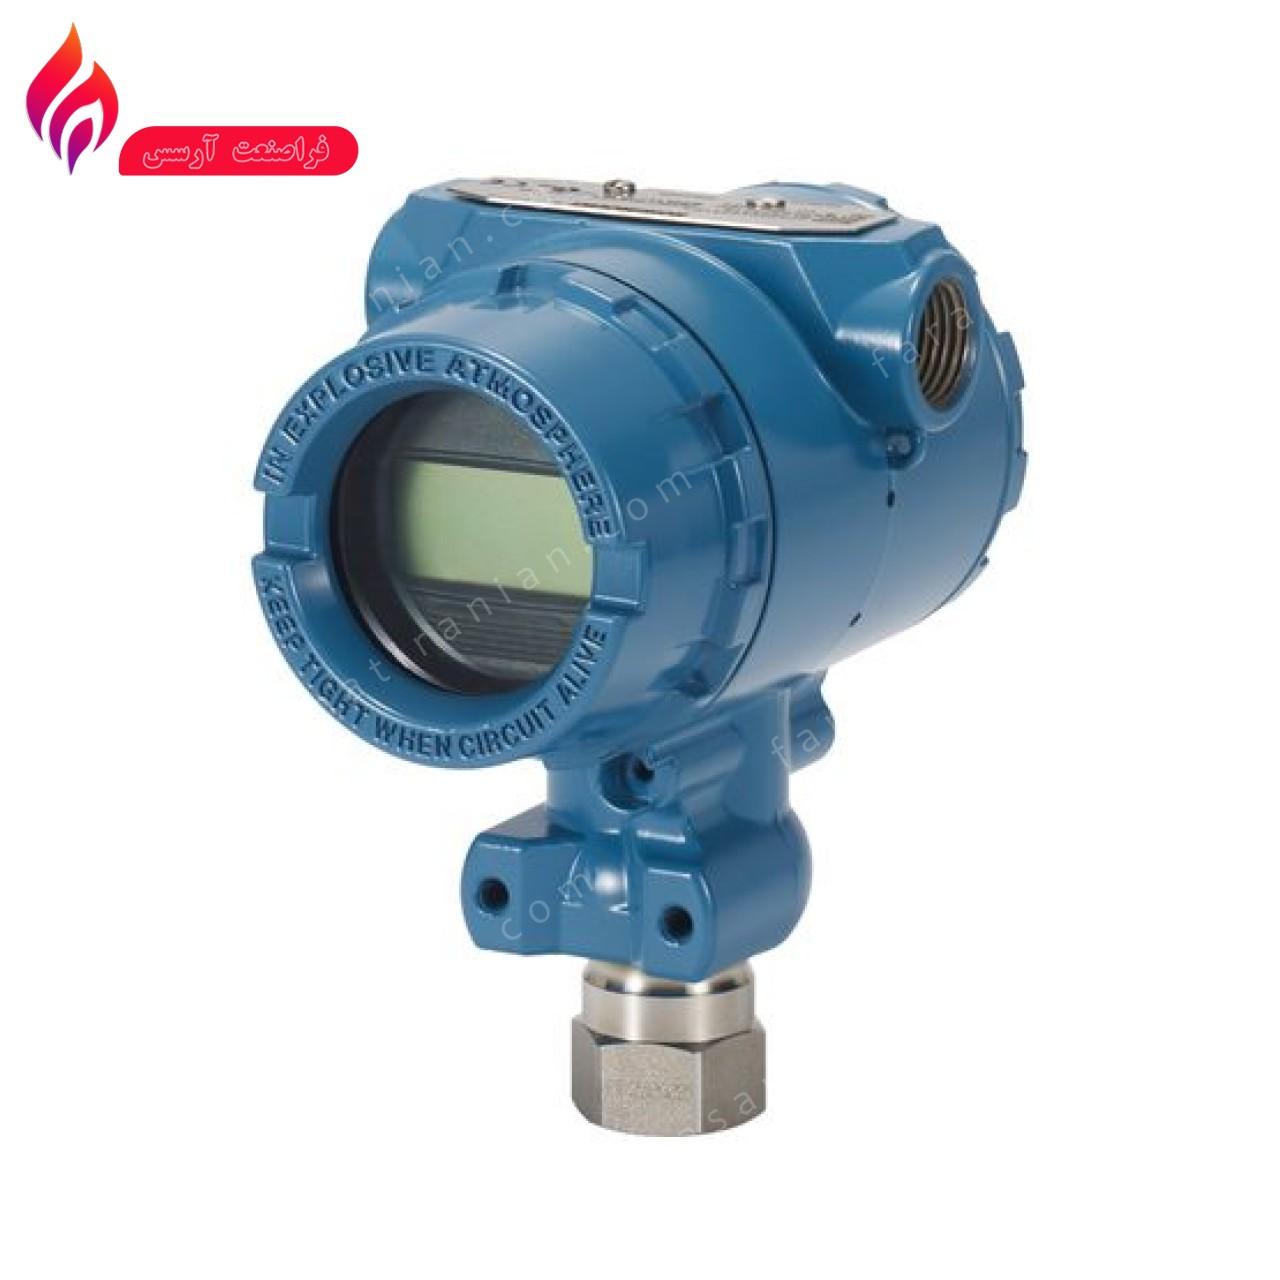 پرشر ترانسمیتر (ترانسمیتر فشار) روزمونت مدل 2051GP ،2051GA